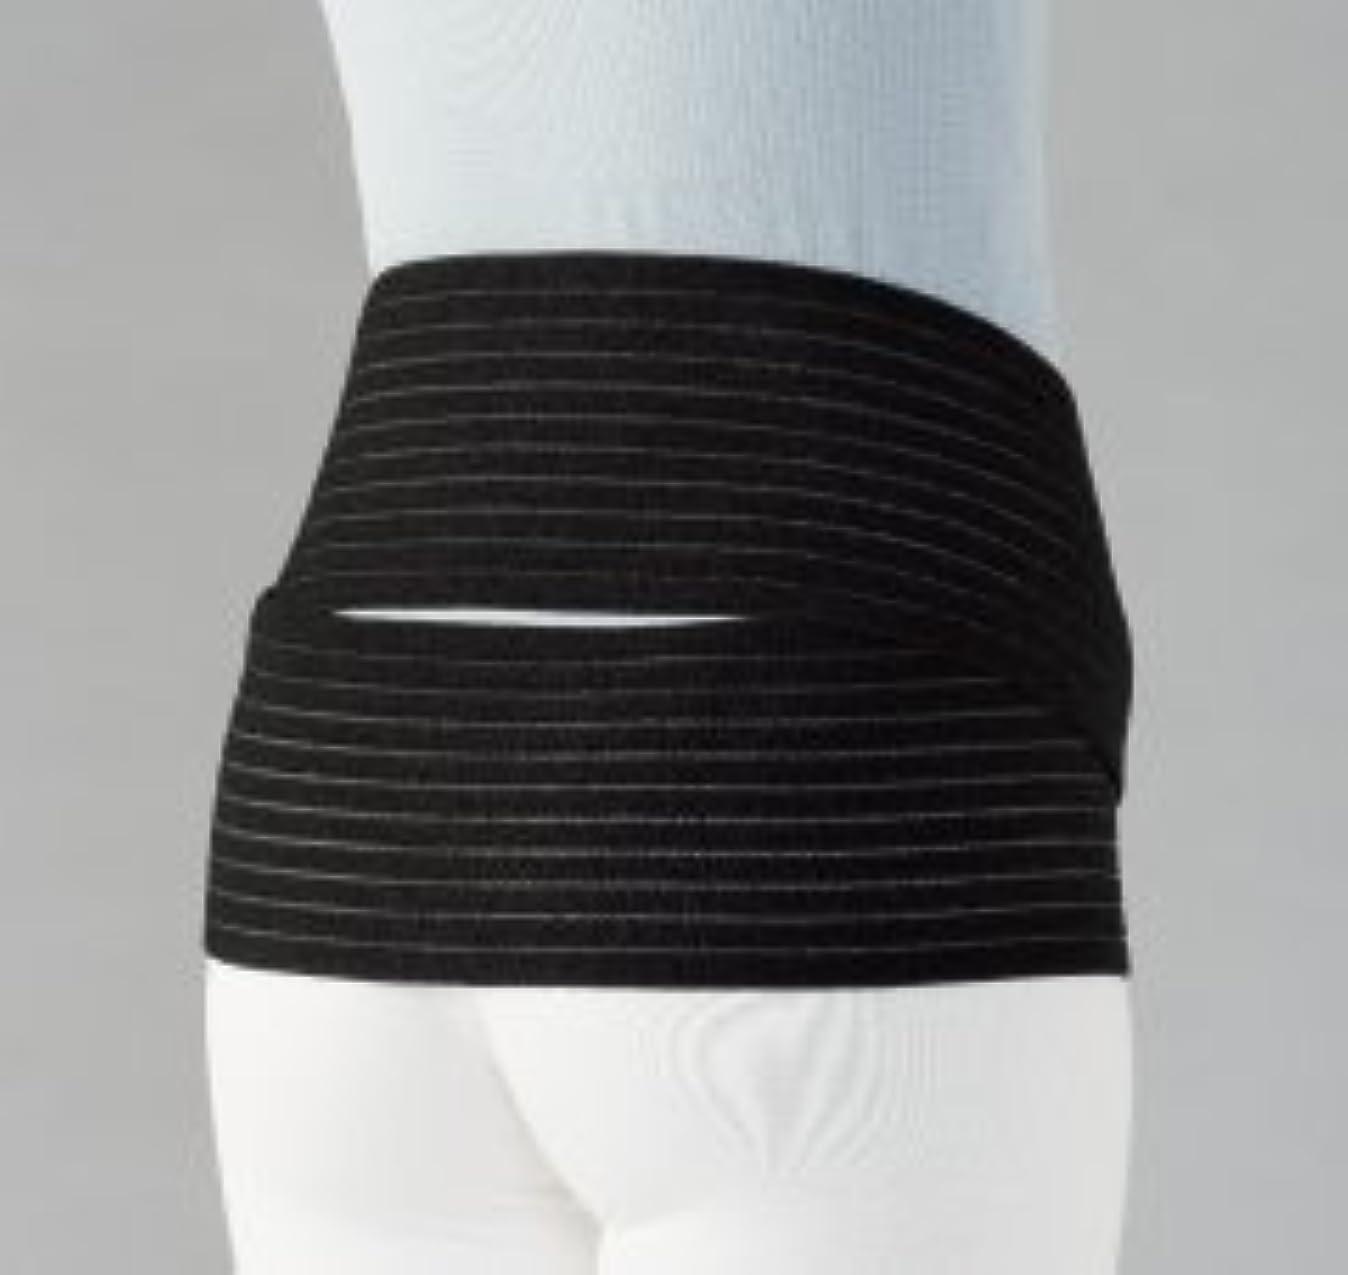 ベリーラップダブル 腰痛ベルト 腰コルセット 骨盤帯 ダイヤ工業 bonbone ボンボーン